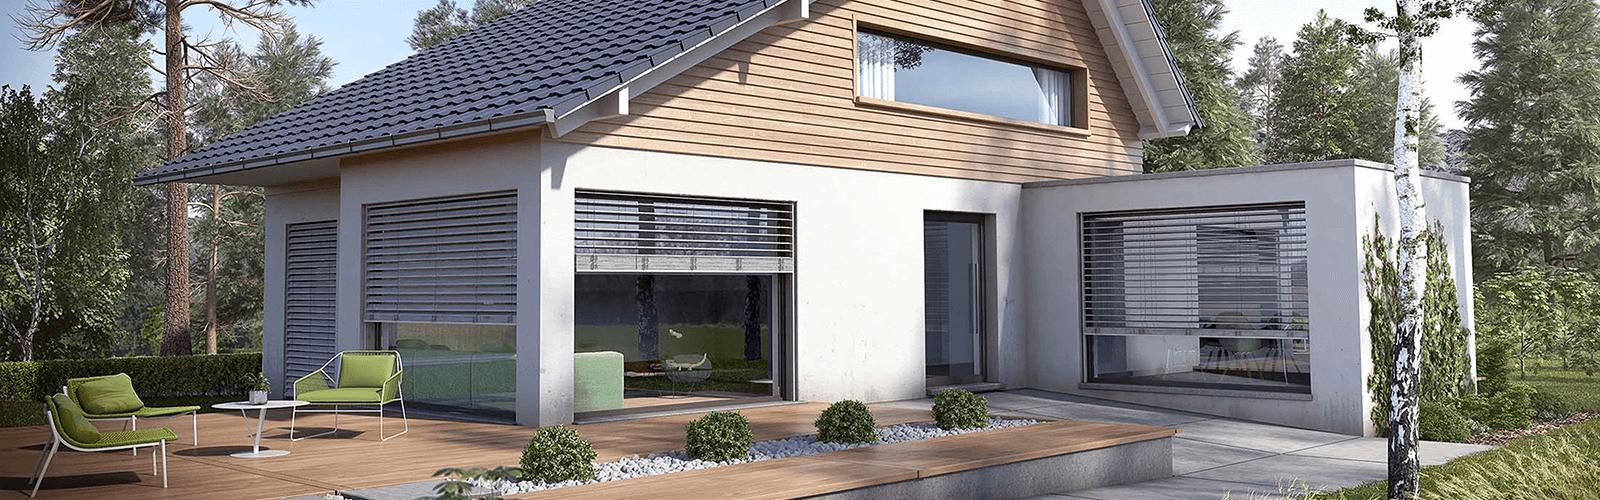 La riqualificazione energetica di casa come fare garden - Migliore esposizione casa ...